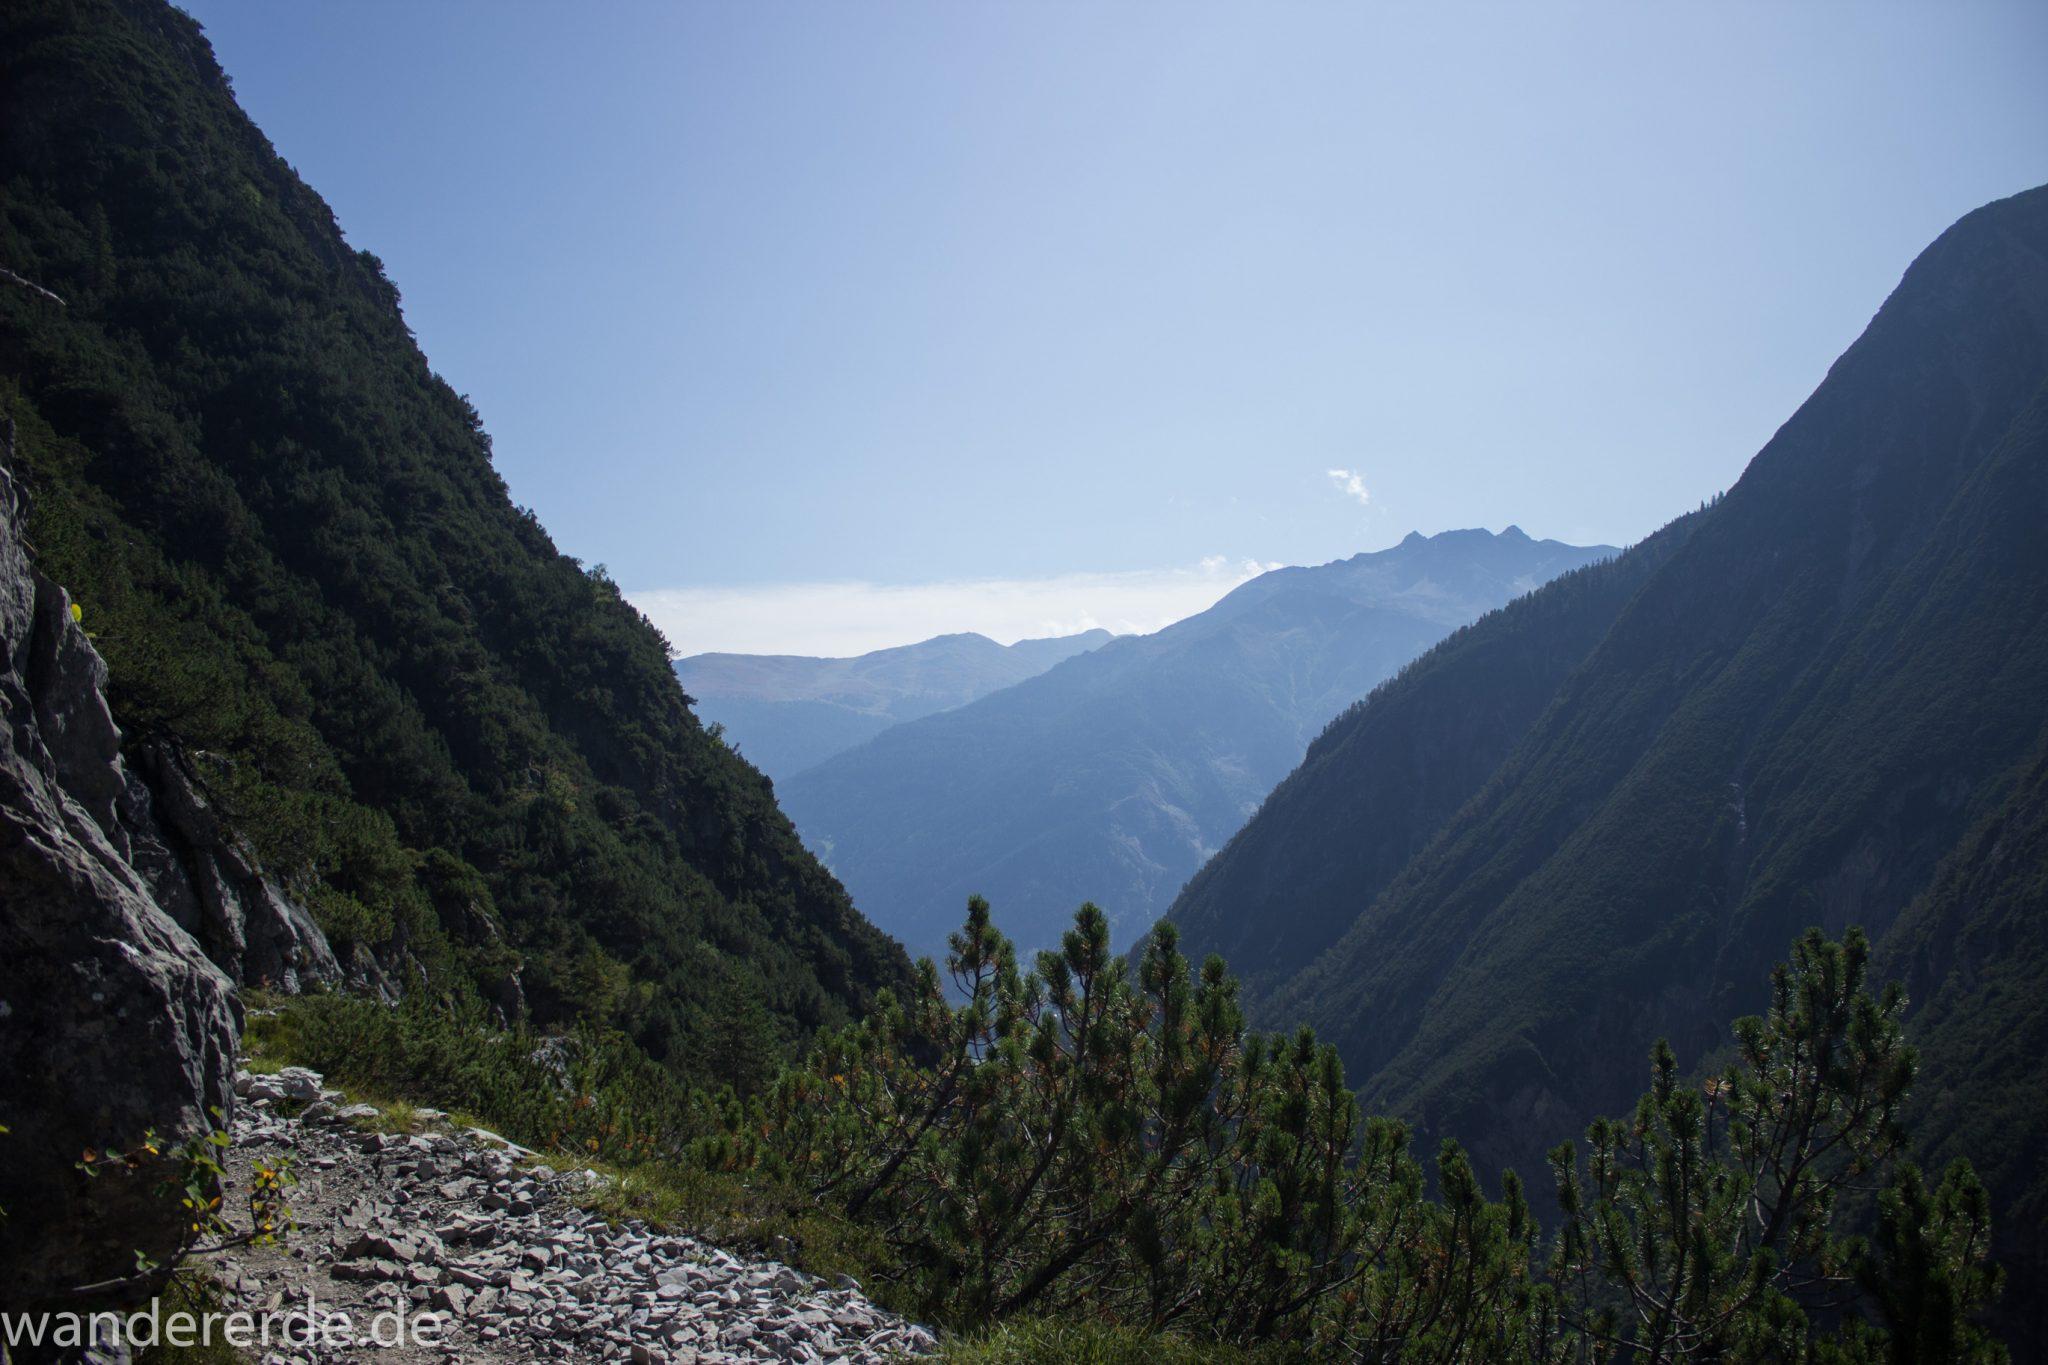 Alpenüberquerung Fernwanderweg E5 Oberstdorf Meran, 3. Etappe von Memminger Hütte zur Skihütte Zams, nach Erreichen der Seescharte folgt ein sehr langer Abstieg auf schmalem Wanderpfad Richtung Zams durch das Zammer Loch, Abschnitt  mit saftig grüner Vegetation, ab und zu Schatten, in unzähligen Serpentinen geht es abwärts Richtung Zams durch eine beeindruckende Schlucht mit grandiosen Ausblicken